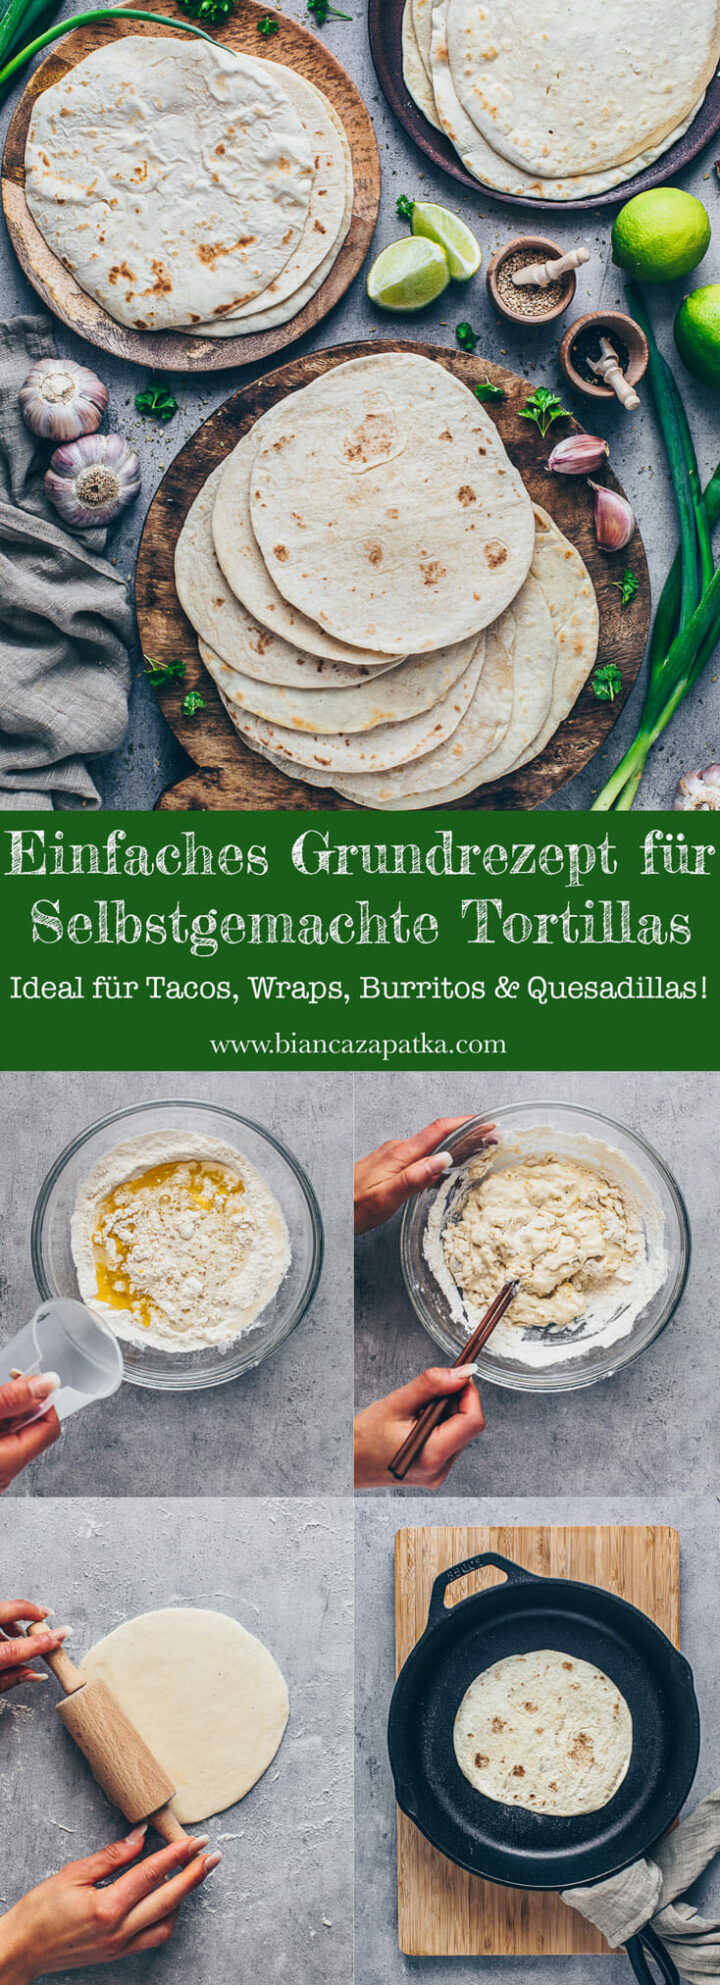 Selbstgemachte weiche Weizen-Tortillas für Tacos, Wraps, Quesadillas, Burritos